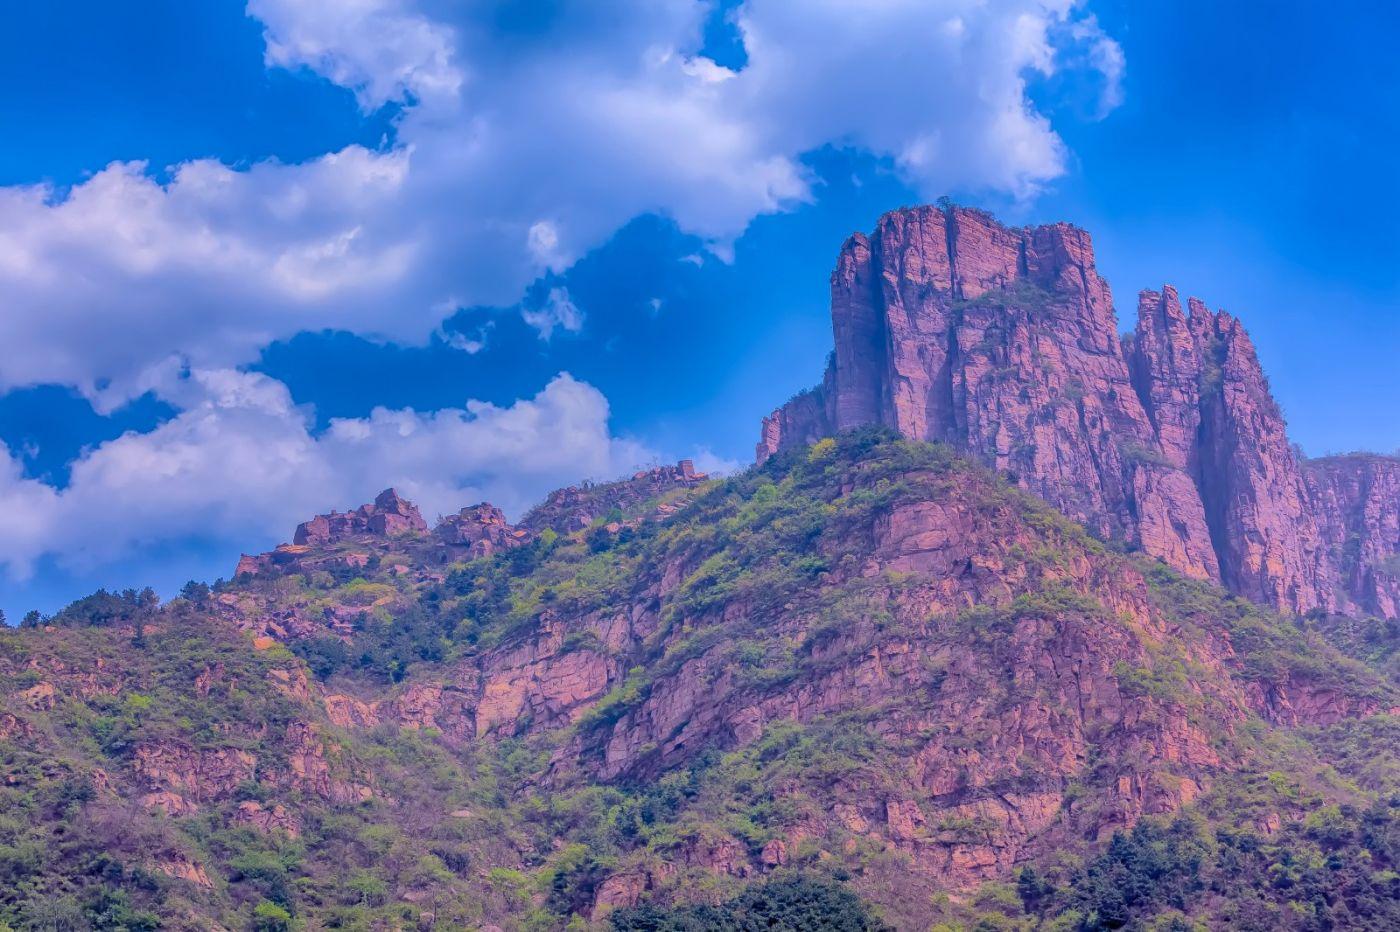 崖壁上的古村落 郭亮村 绝处也有风景_图1-3